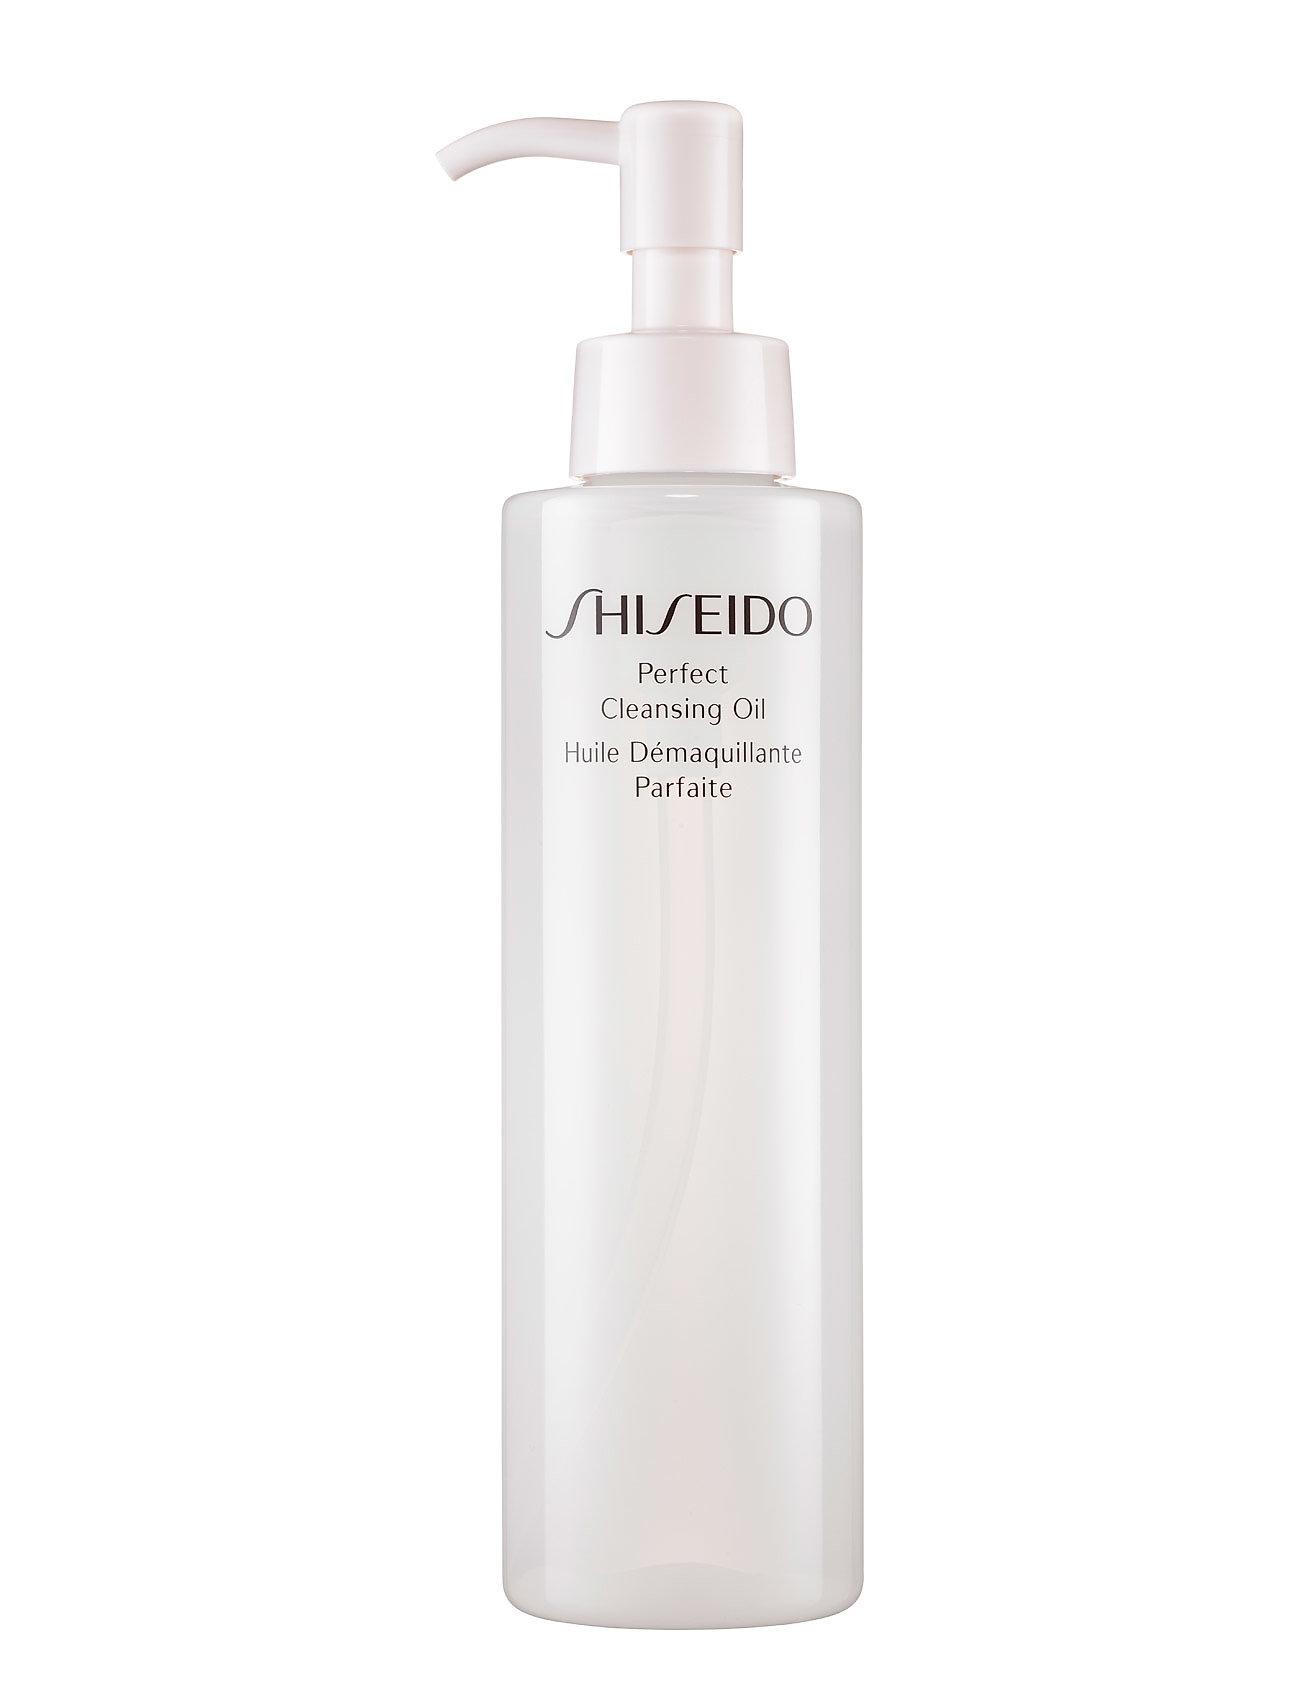 shiseido – Shiseido generic skincare cleansing på boozt.com dk